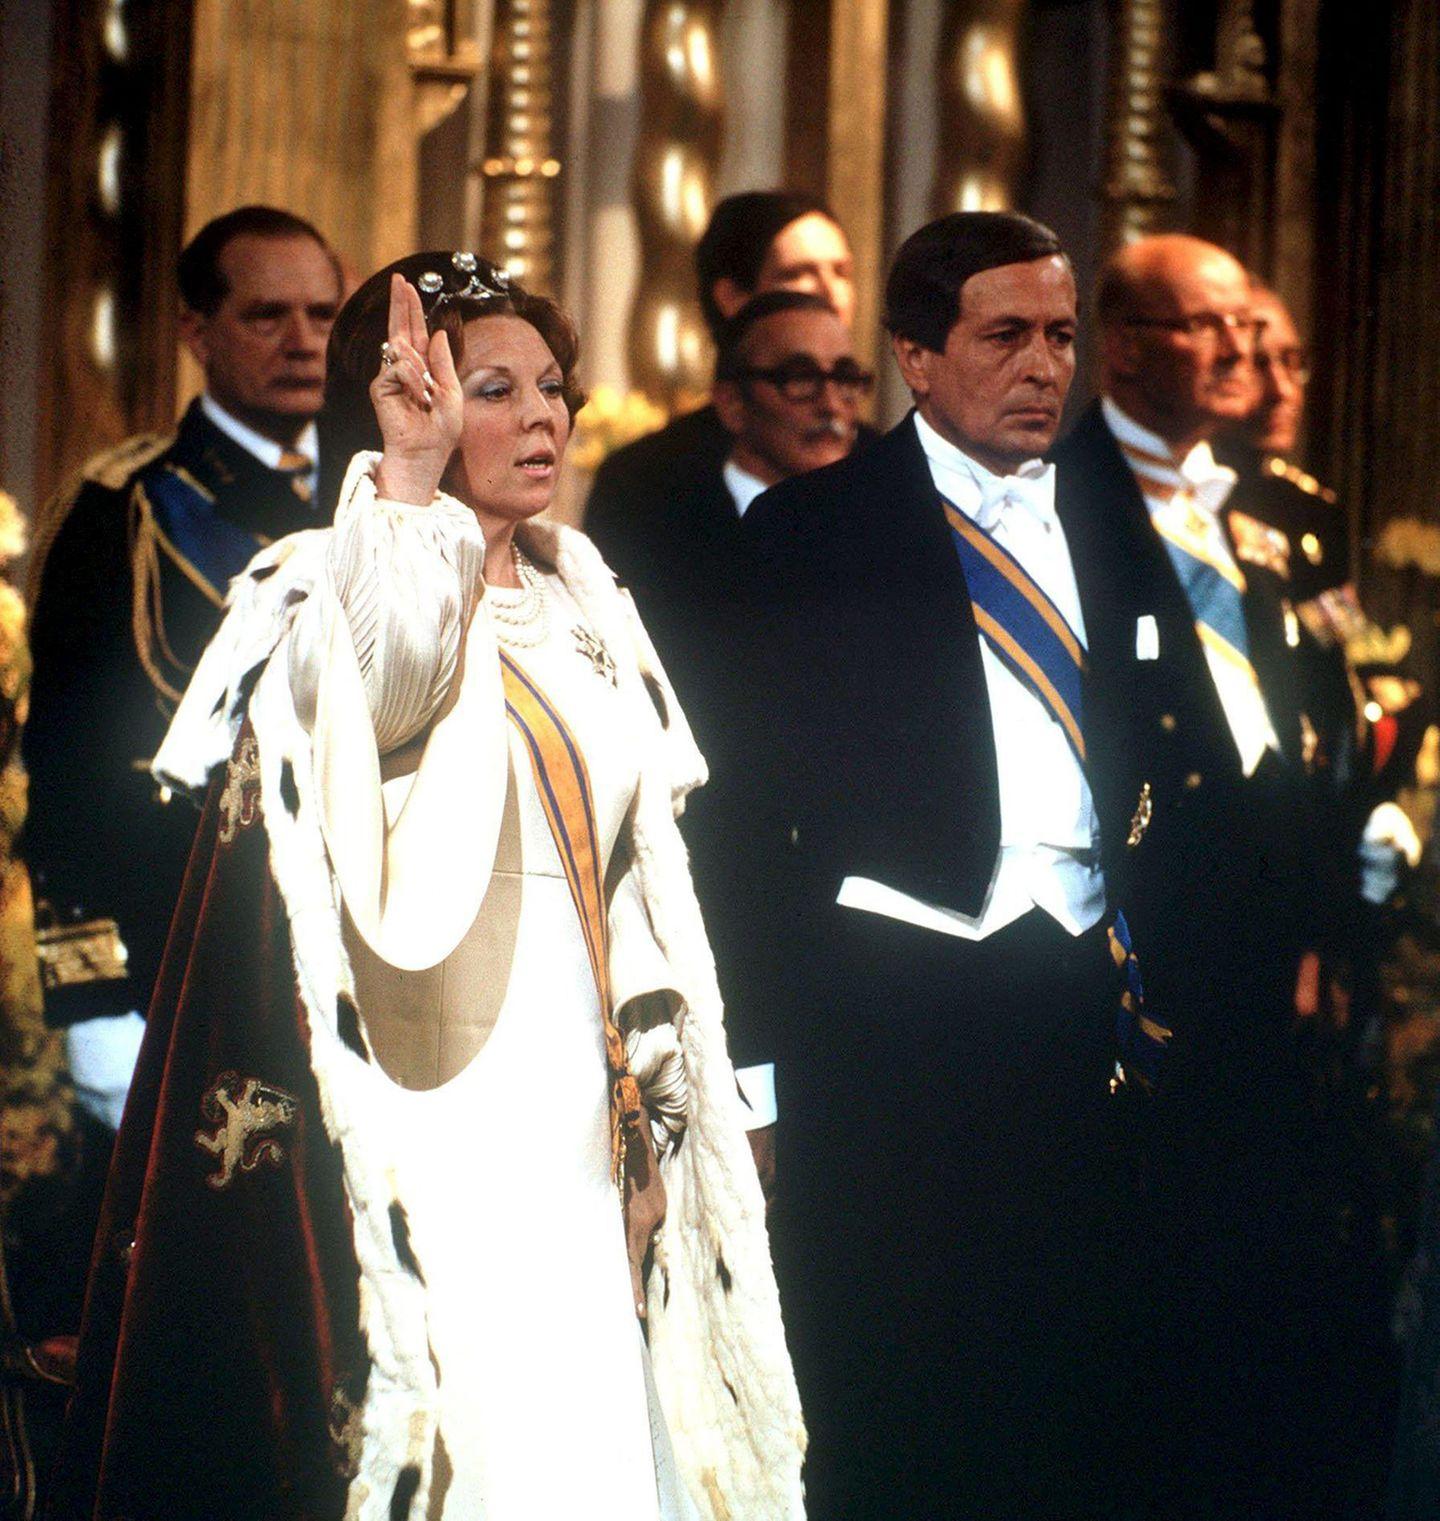 Am 30. April 1980 dankt Königin Juliana ab, ihre Tochter Beatrix wird Königin der Niederlande. An ihrer Seite: Prinz Claus, der neue Prinzgemahl.